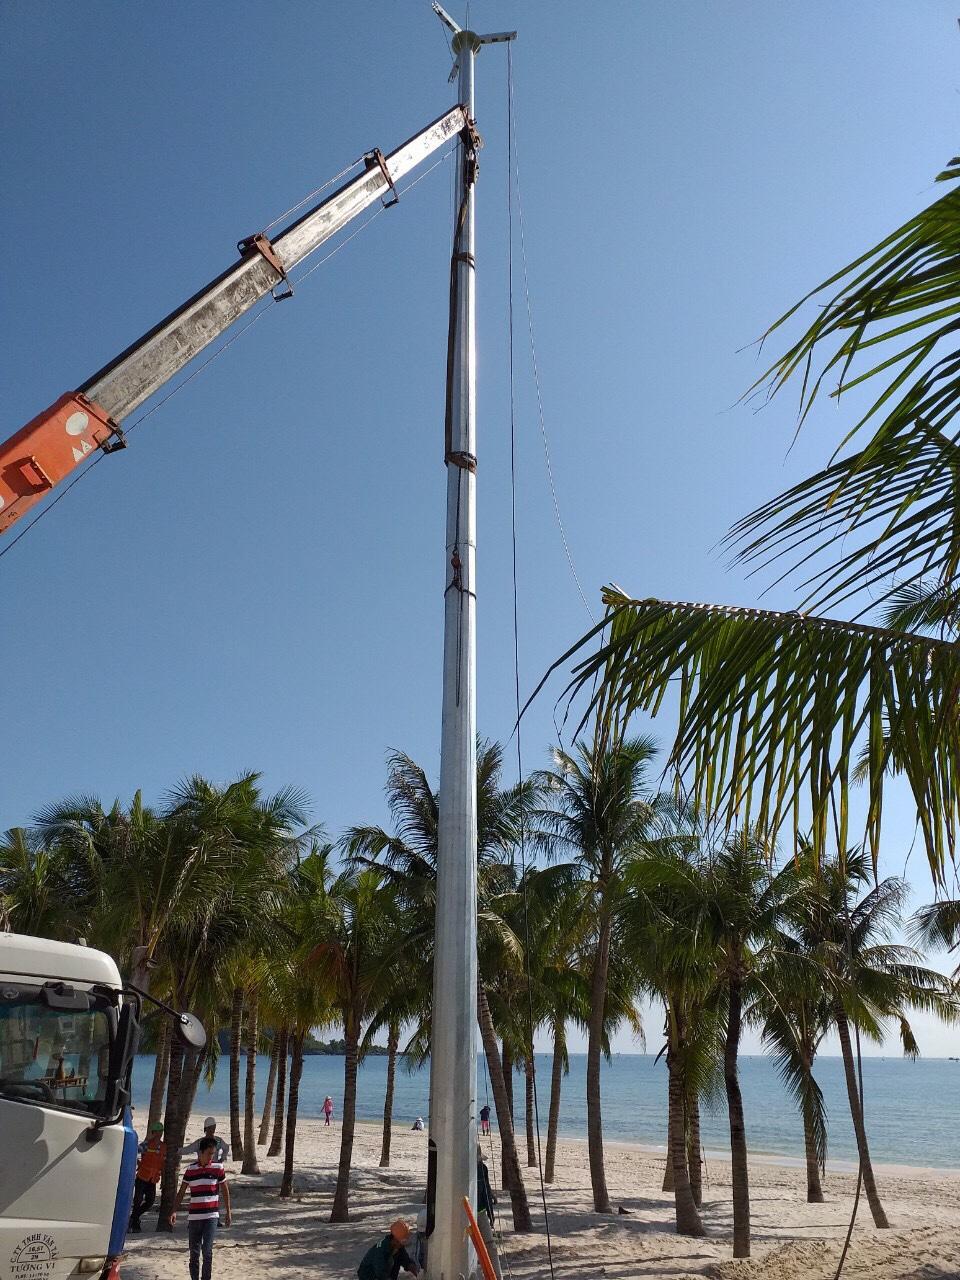 Kỹ thuật Đại Thắng hỗ trợ khách hàng lắp dựng trụ 20m tại Phú Quốc